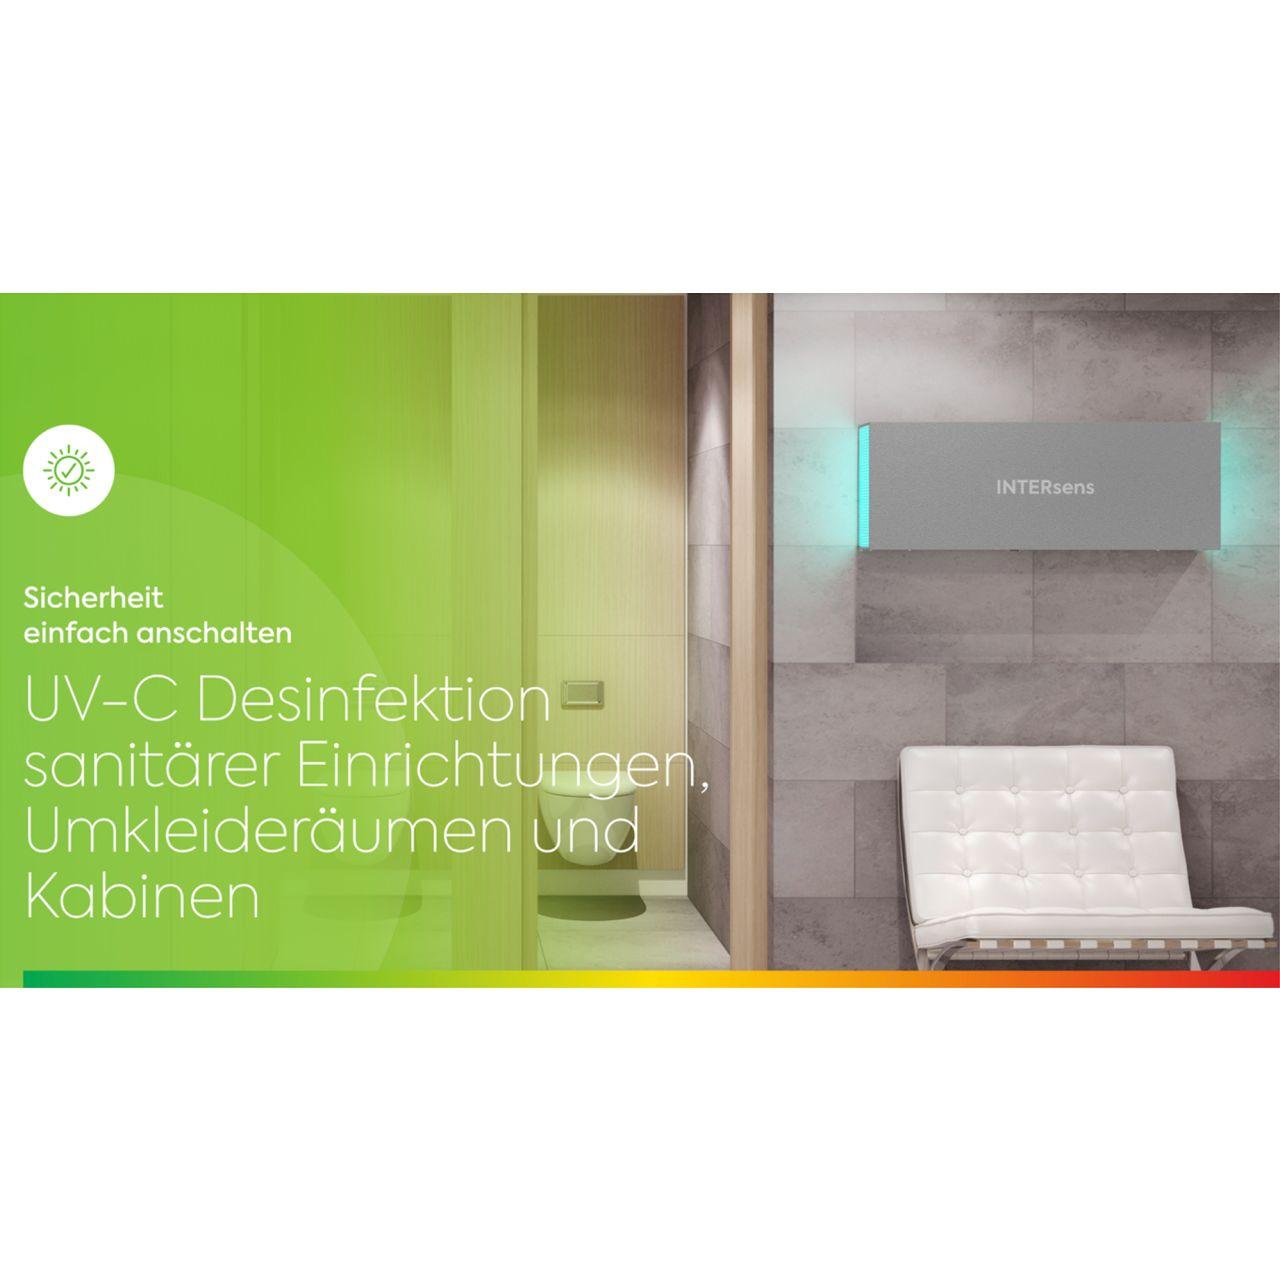 Desinfektion sanitärer Einrichtungen mit UV-C